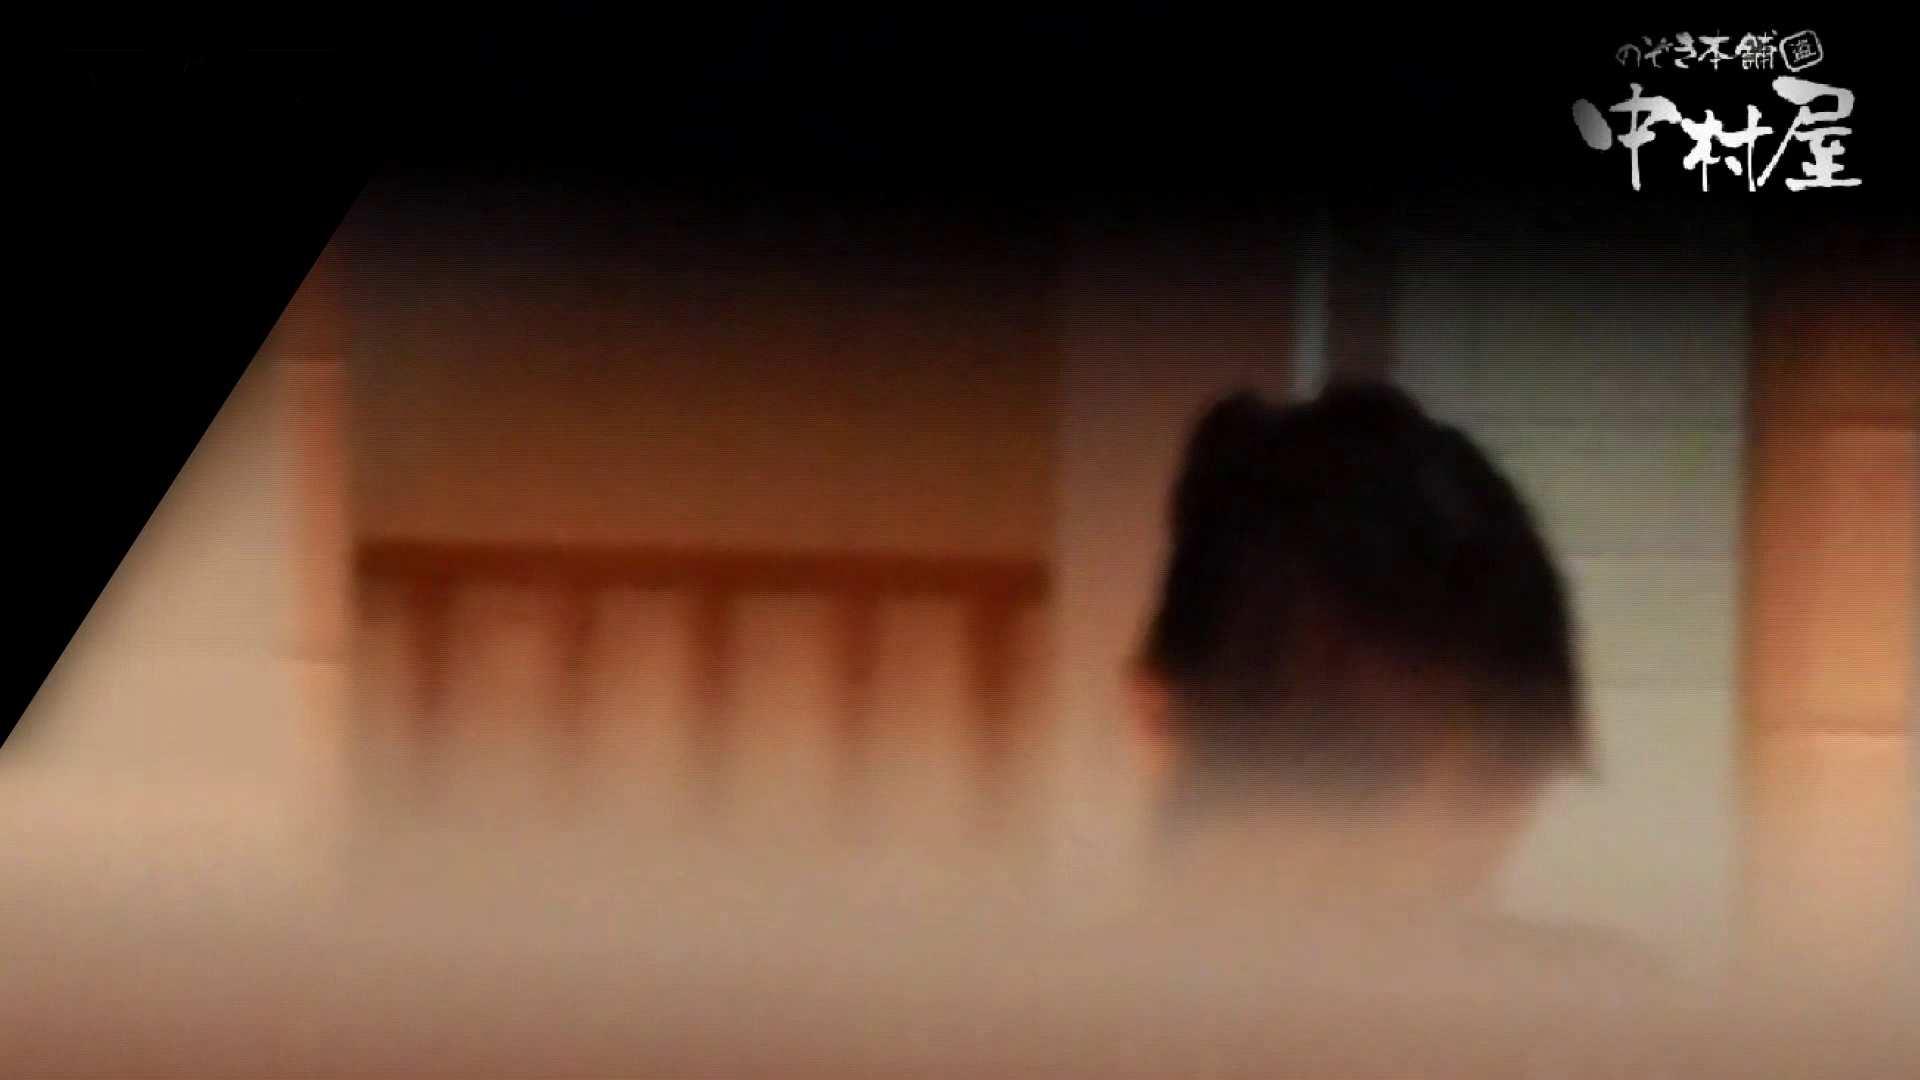 第三体育館潜入撮】第三体育館潜入撮File028 熟女特集!! バックショット 隠し撮りセックス画像 67画像 14